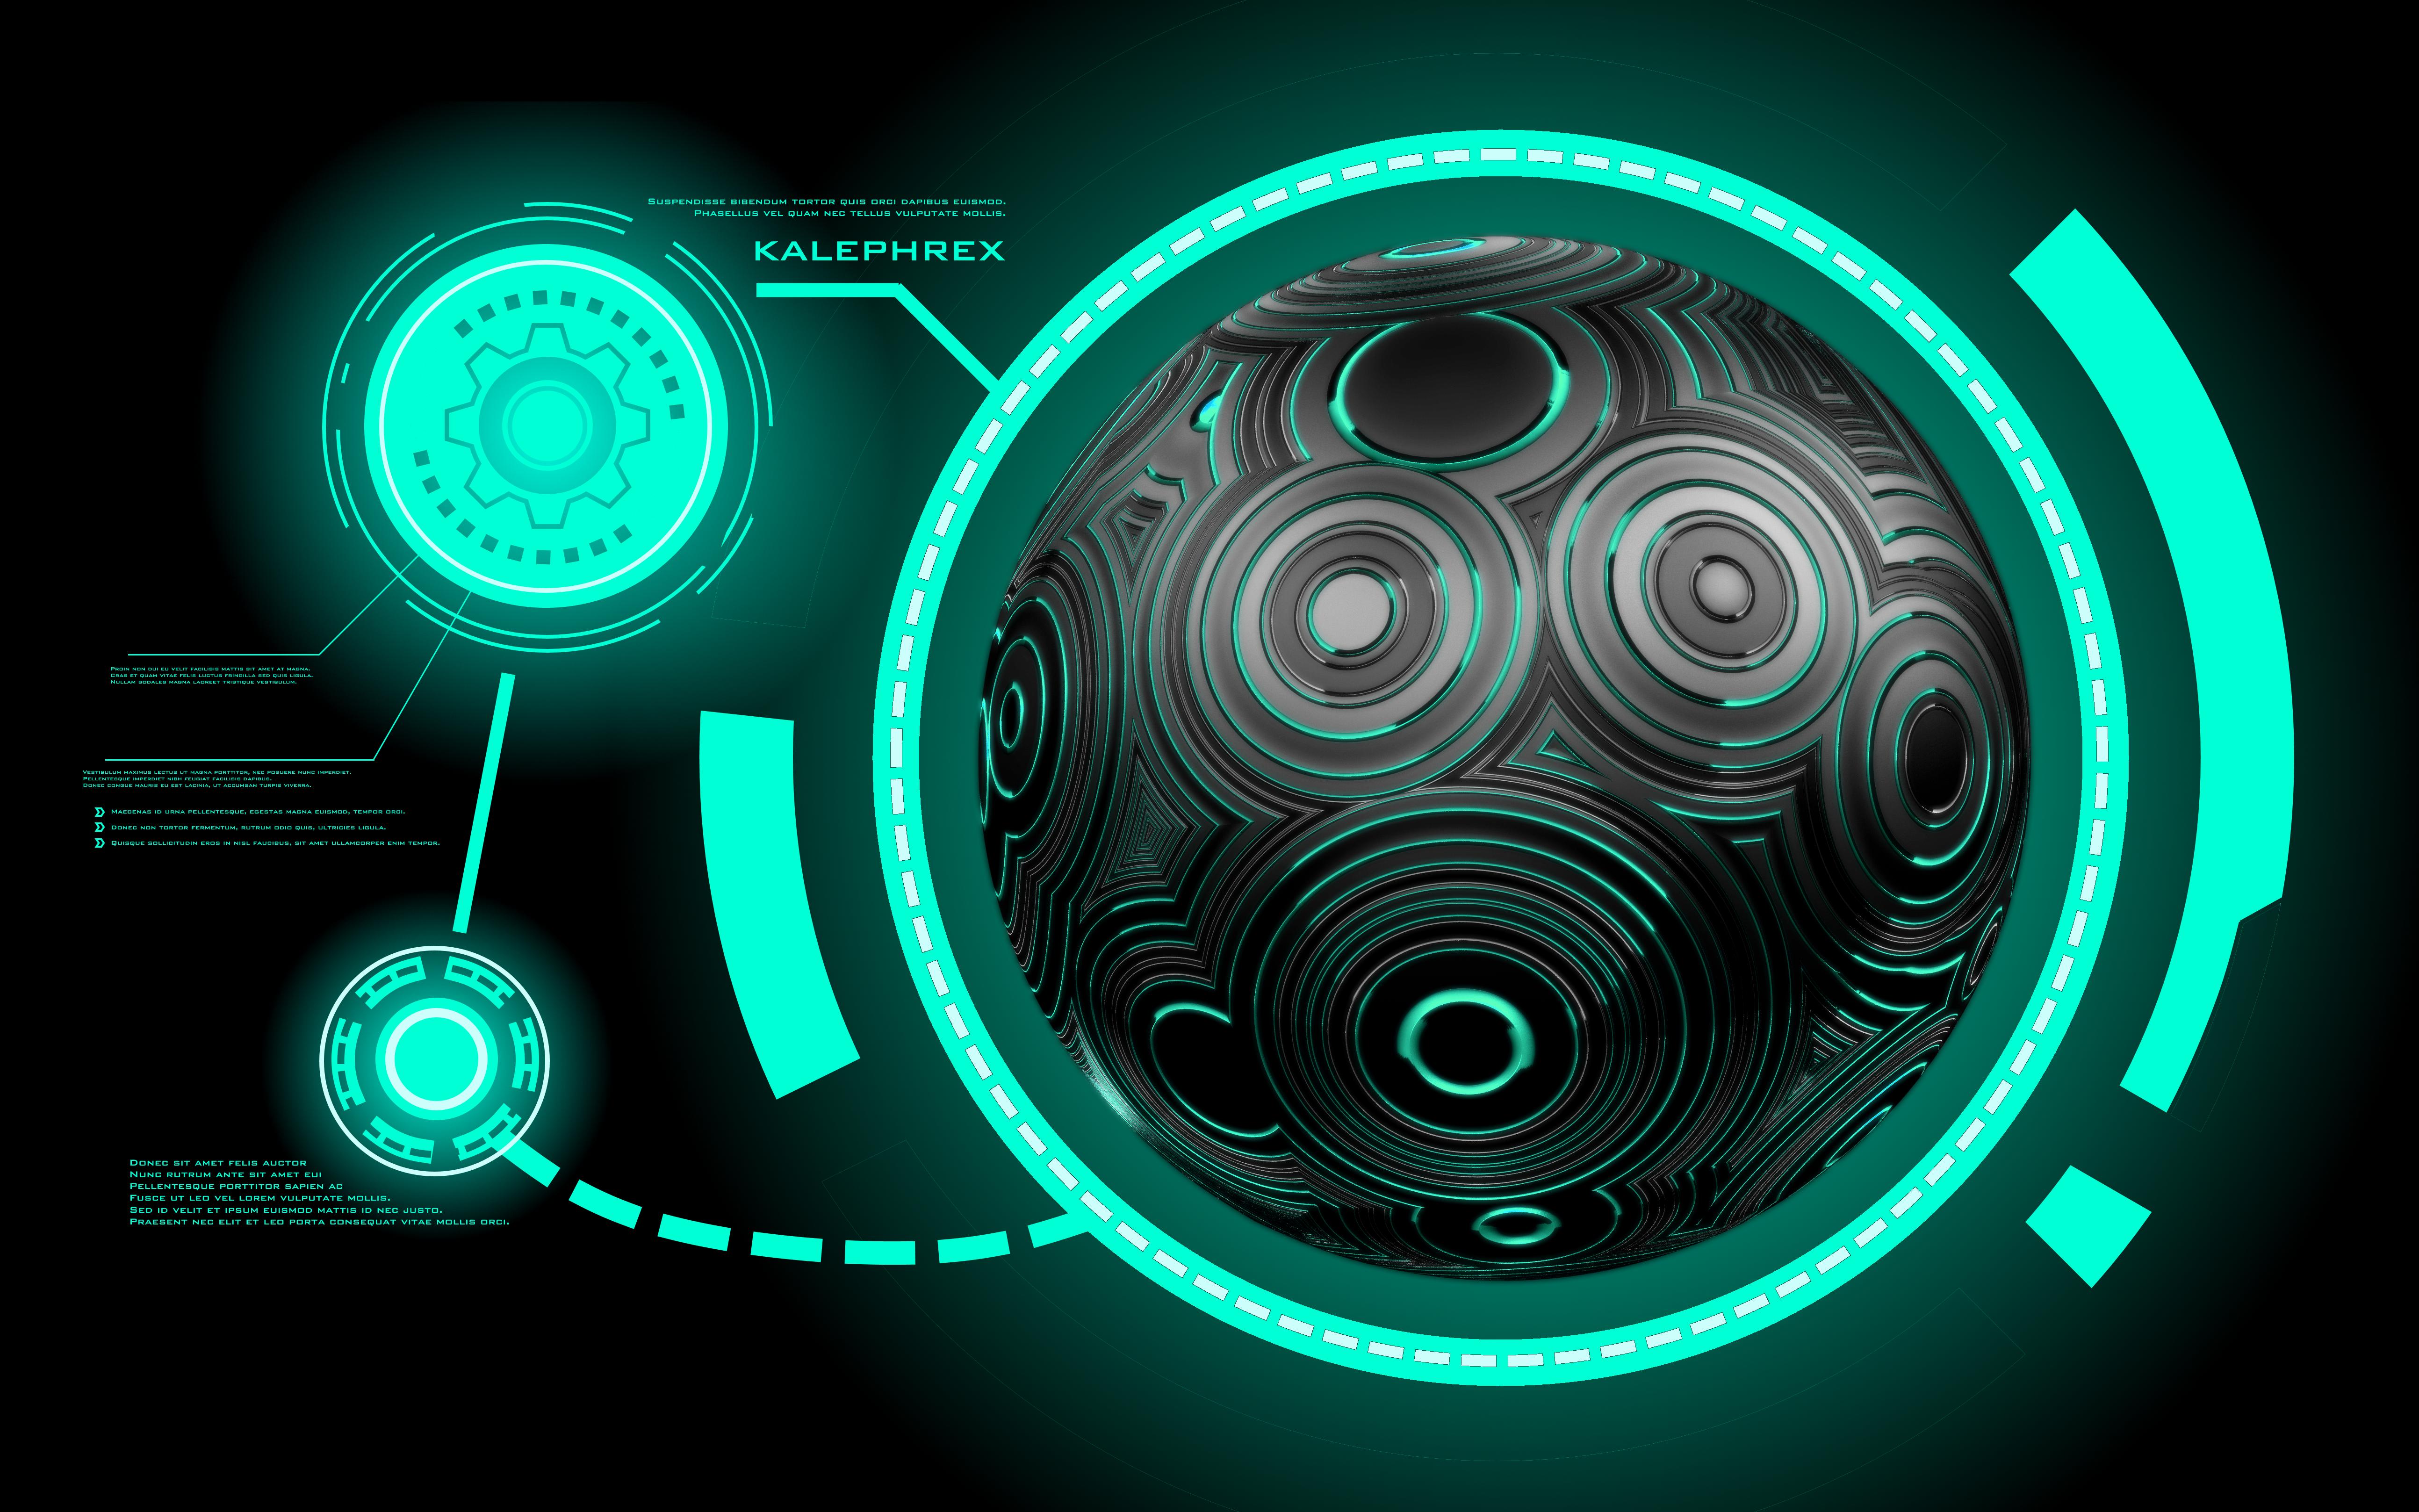 High Tech Orb Wallpaper By Kalephrex On Deviantart